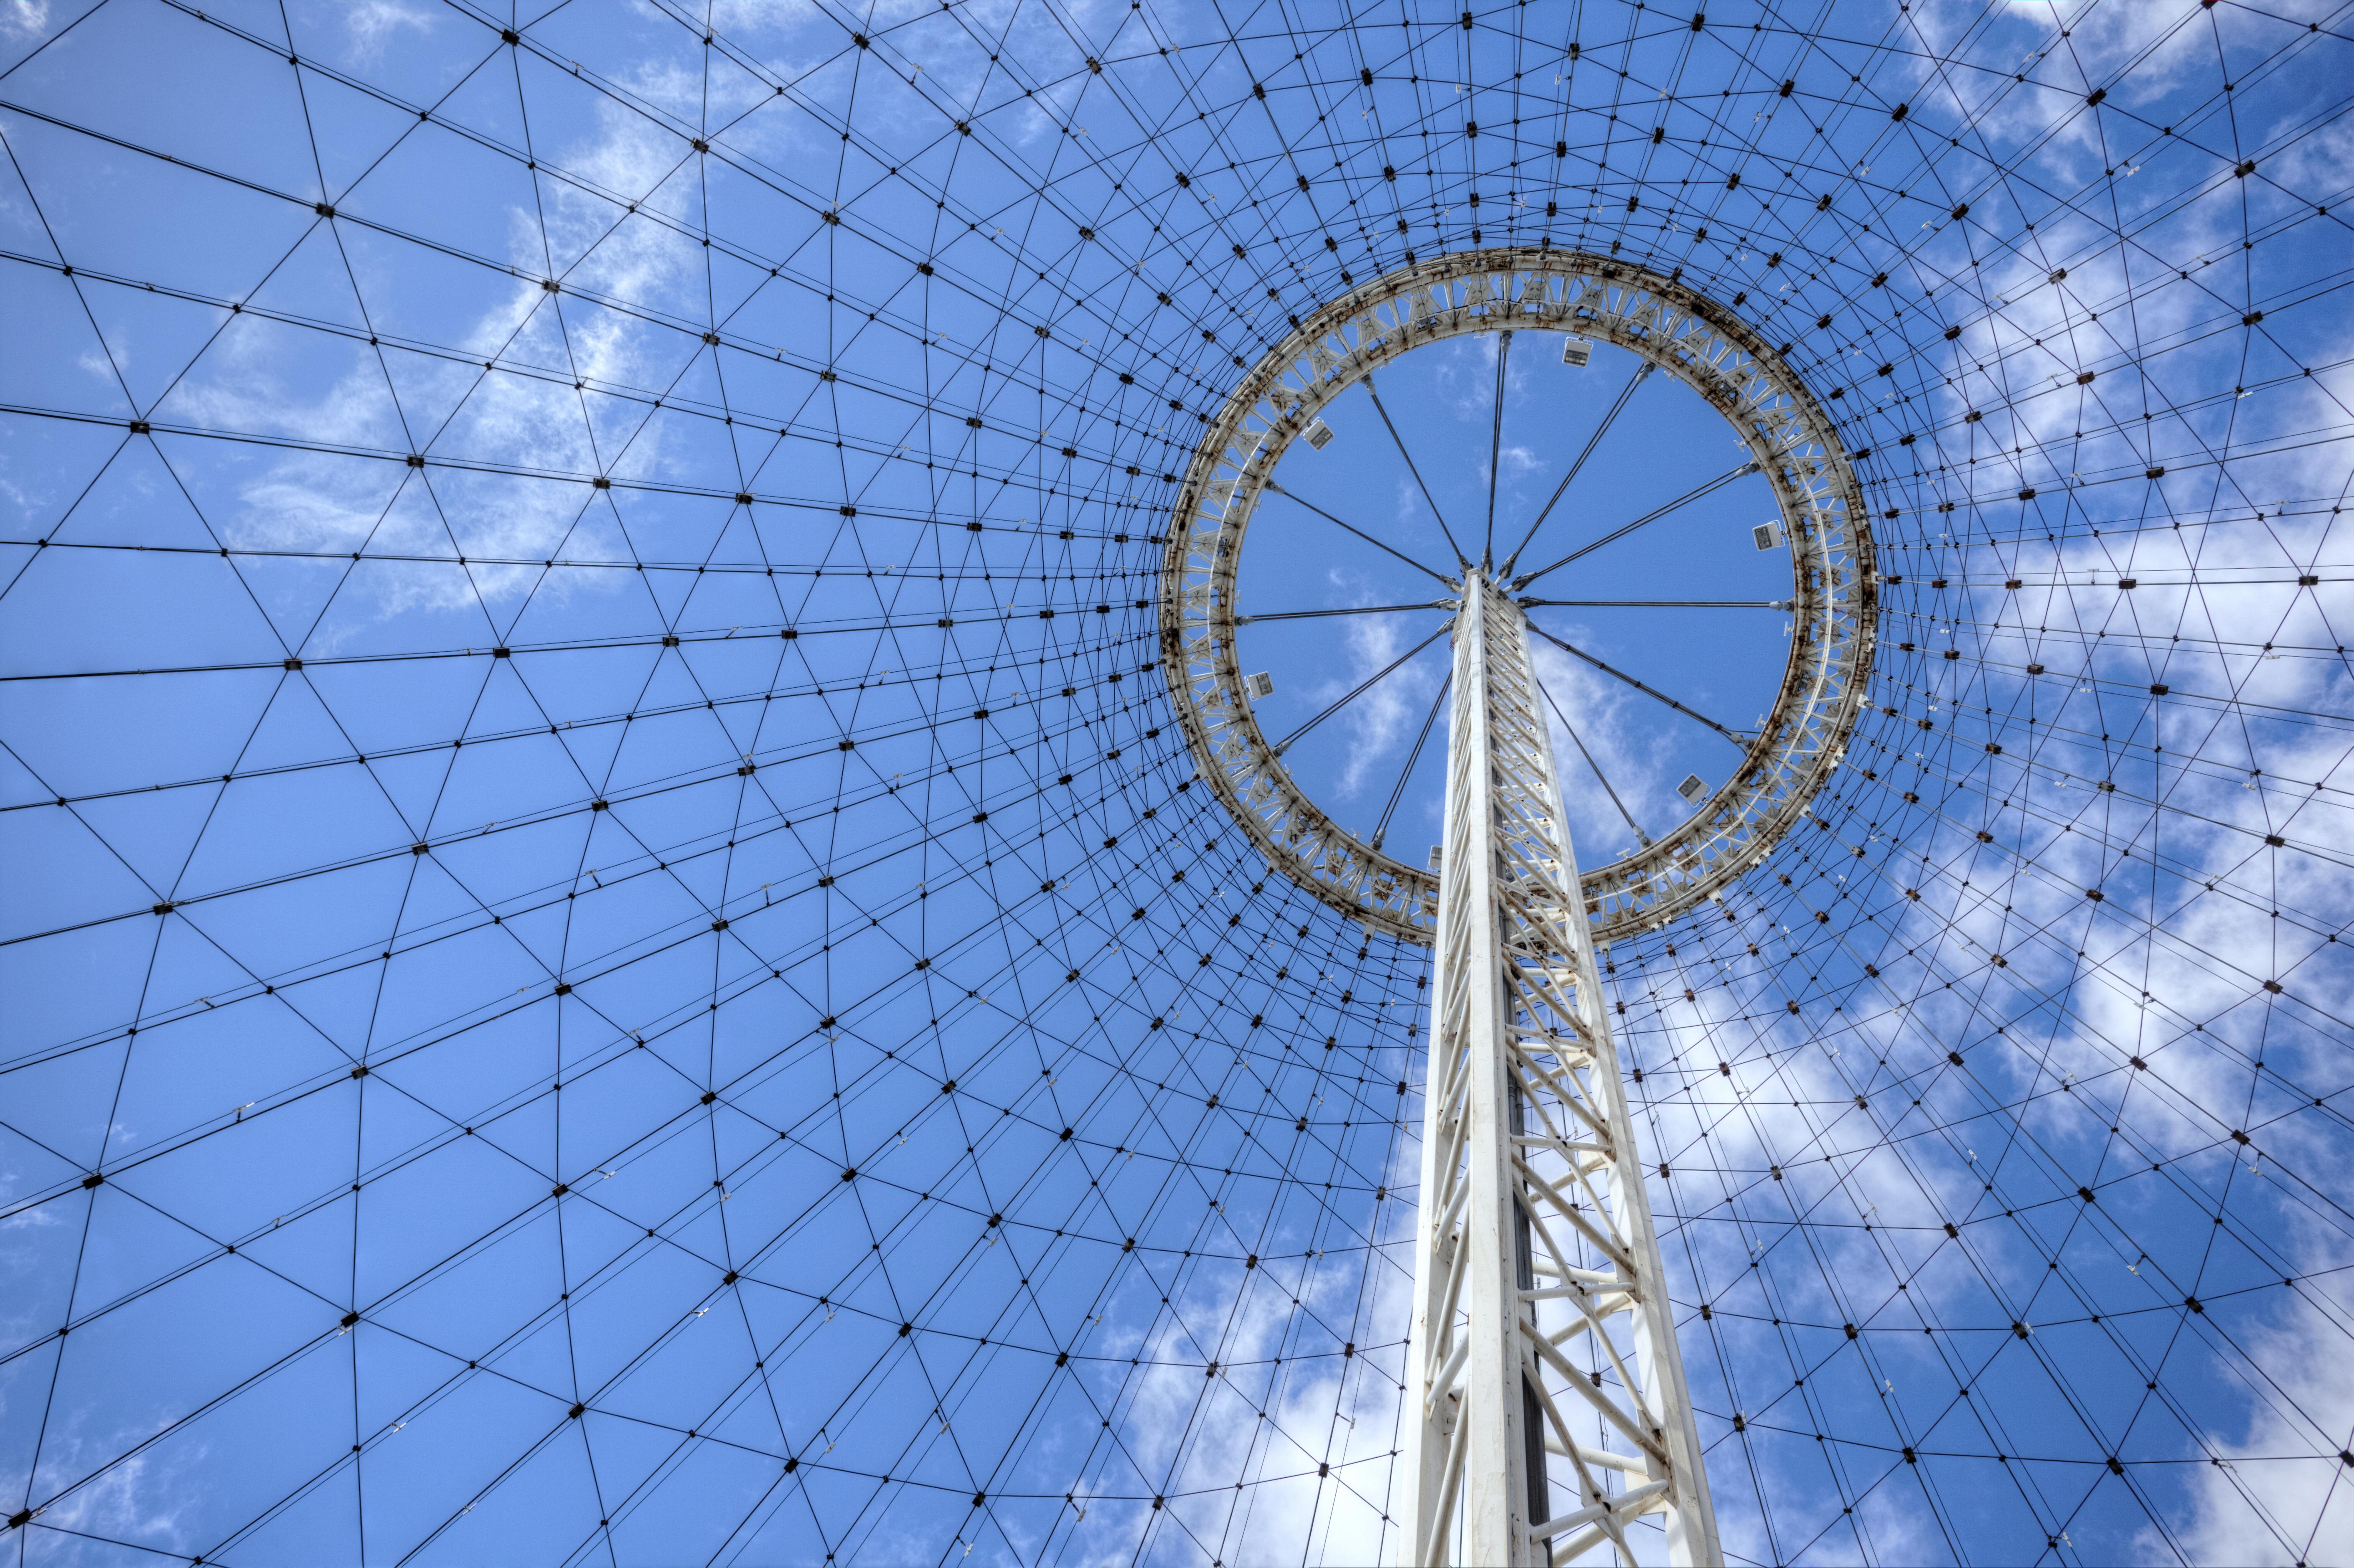 Hintergrundbilder : die Architektur, Gebäude, Himmel, Park ...